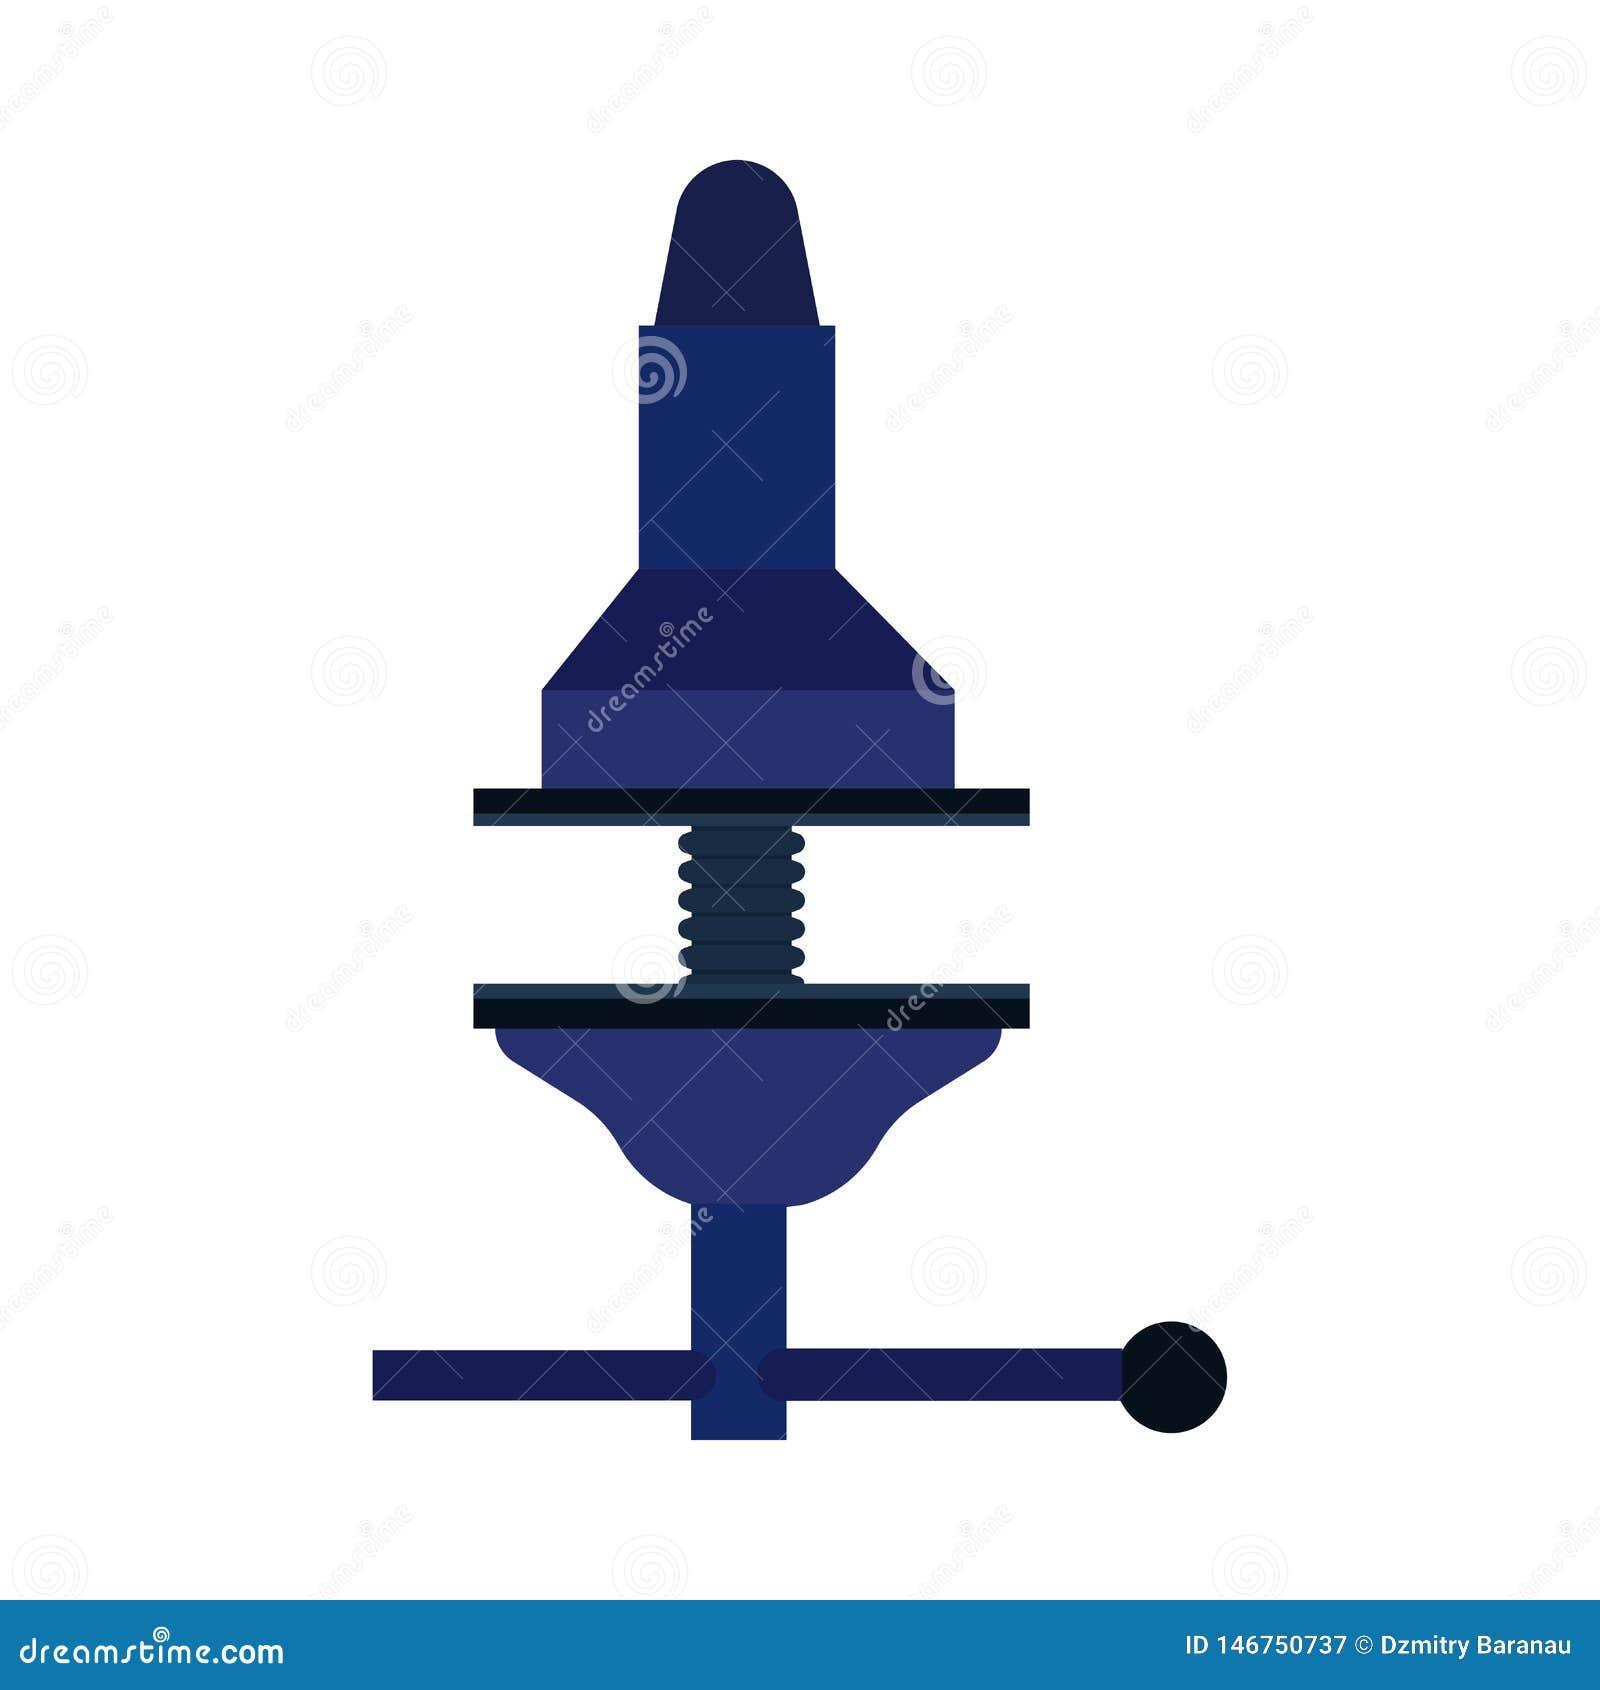 Icono de la herramienta de la abrazadera del equipo del sector de la construcción del vector del tornillo Presión ajustable de la